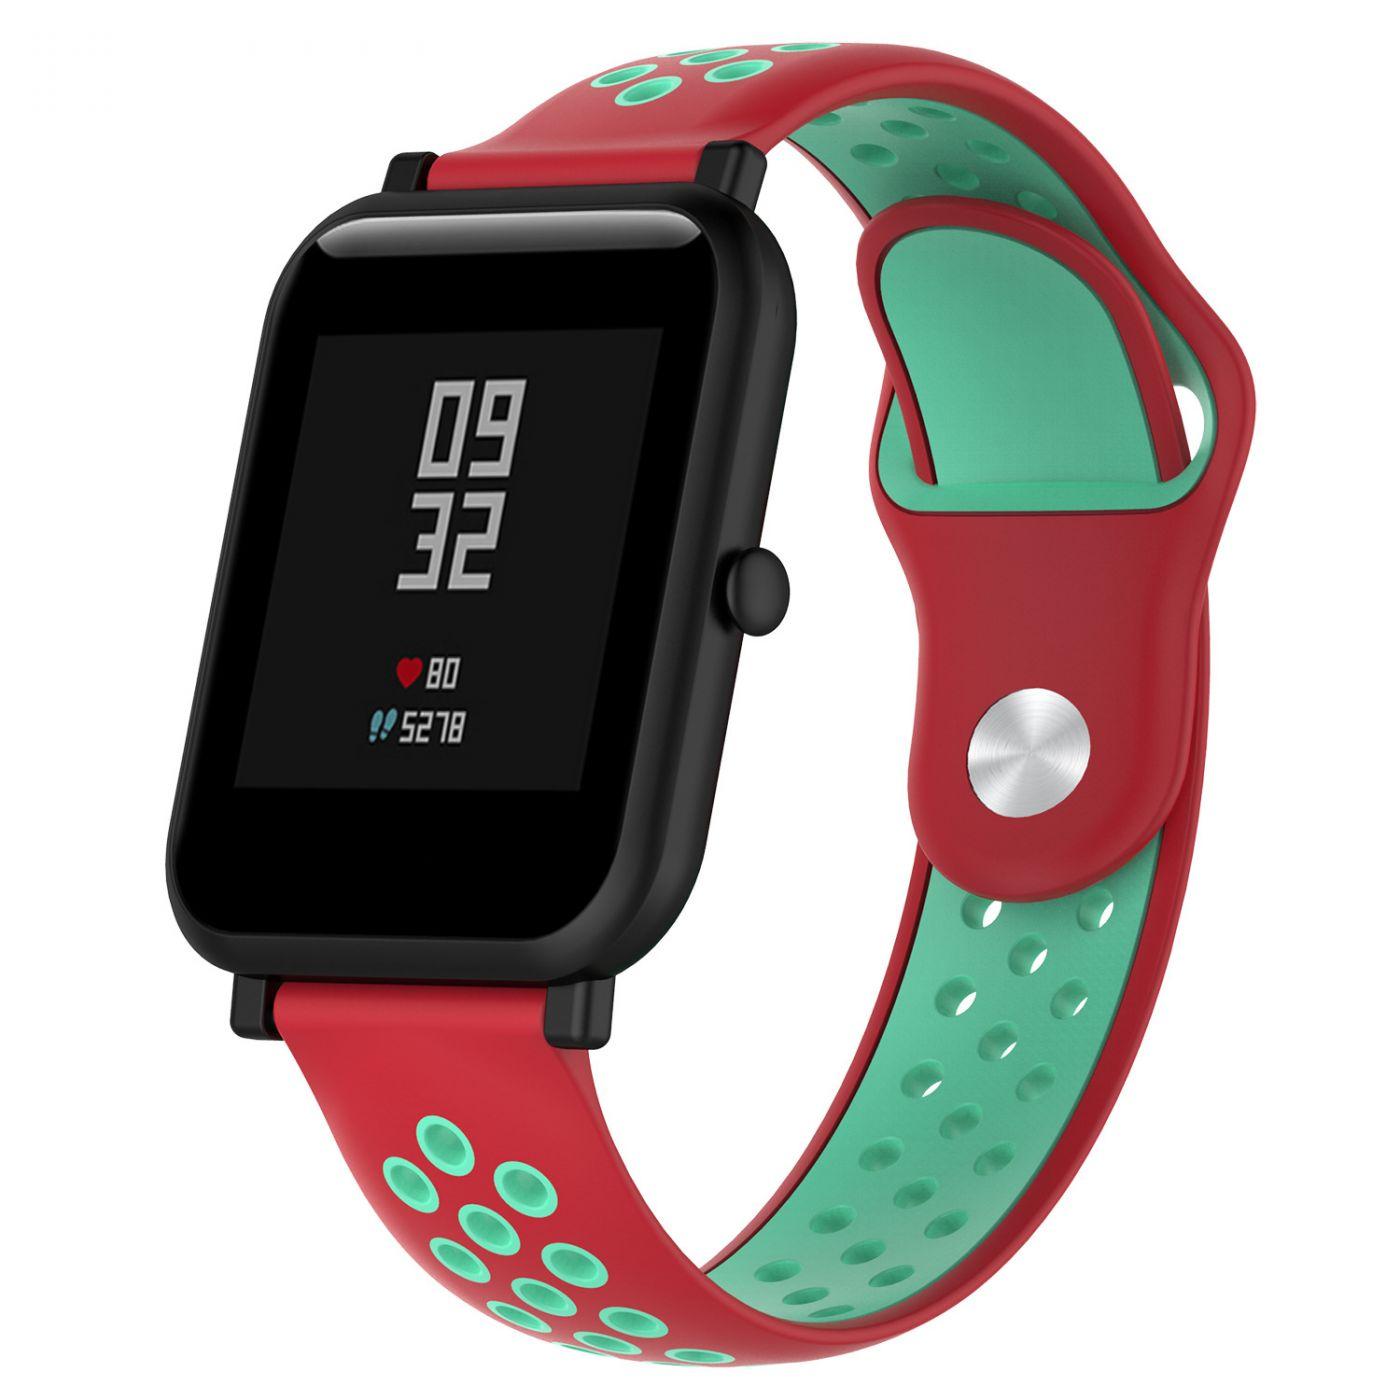 Сменный ремешок для Умных часов  Amazfit Bip Smartwatch (Красный - Салатовый)